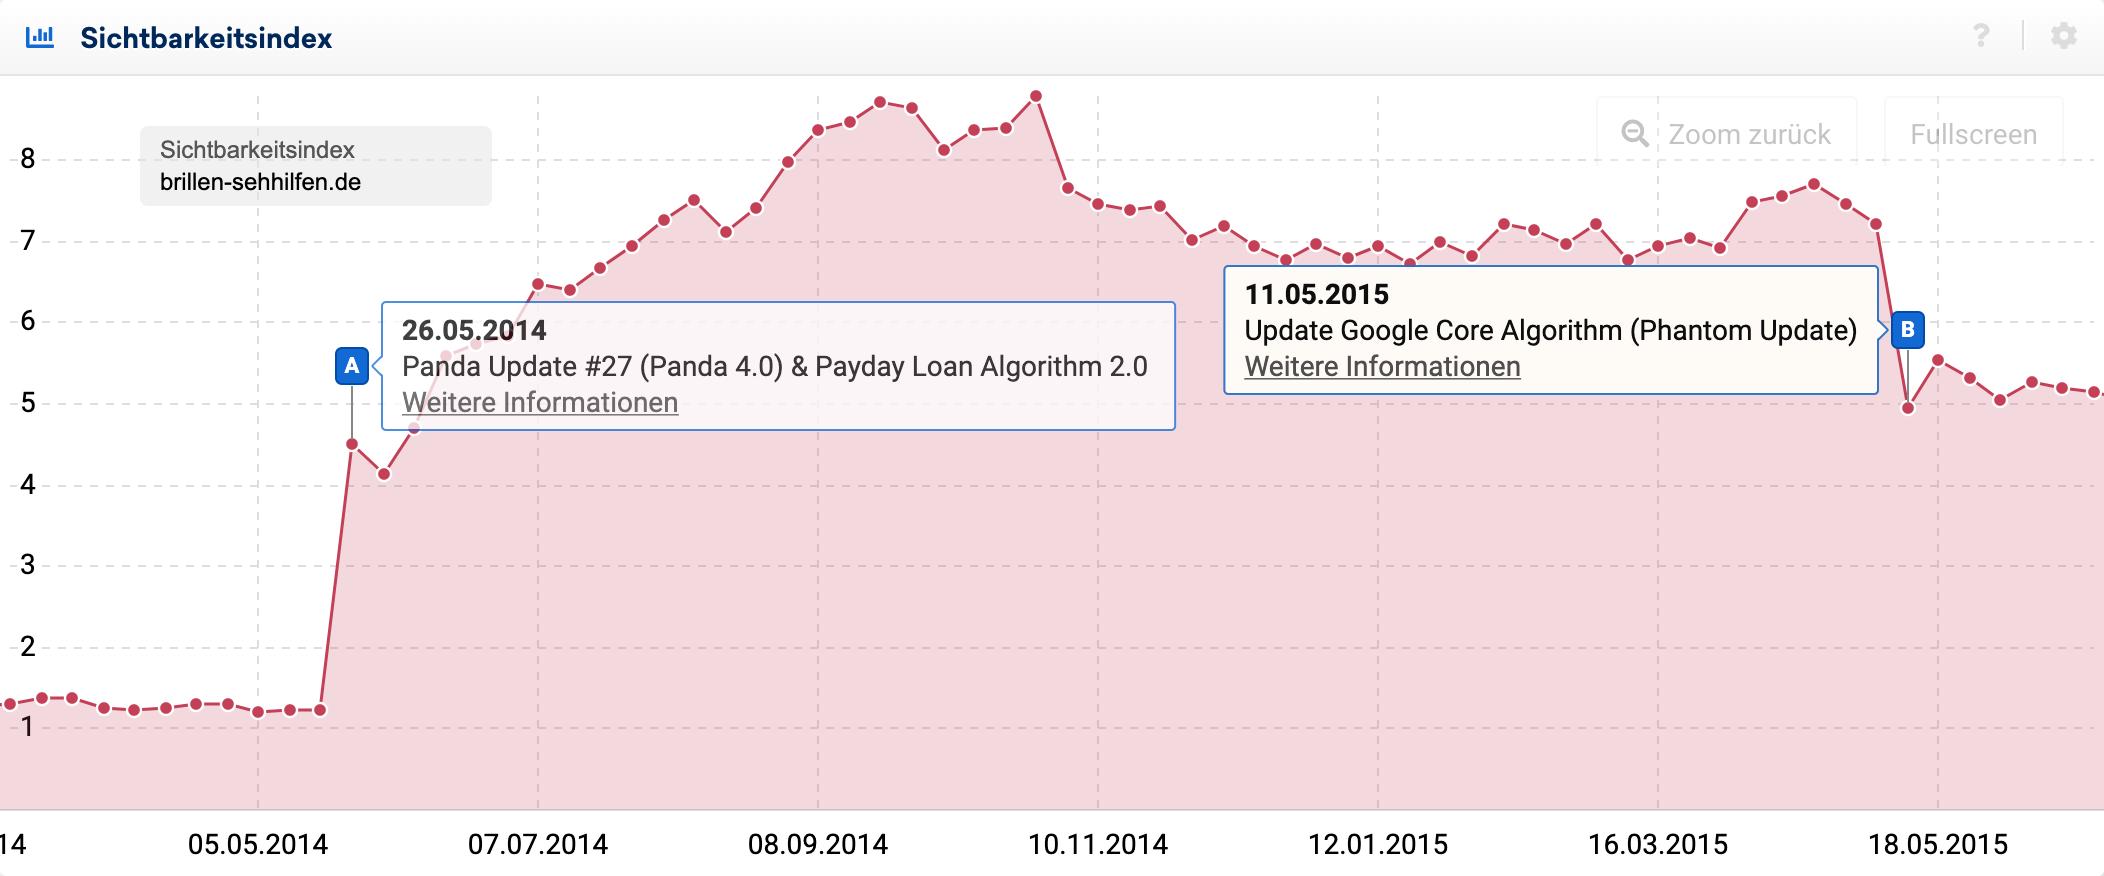 Sichtbarkeitsindex-Verlauf der Domain brillen-sehhilfen.de im Zeitraum zwischen Mai 2014 und Mai 2015. Der Sichtbarkeitsindex beginnt bei ca. 1,2 Punkten, steigt zwischen Mai und September 2014 auf 8,8 Punkte an, fällt im November 2014 leicht auf 7 Punkte und hält diesen Wert bis zum 11.05.2015, danach fällt der Sichtbarkeitsindex abrupt auf ca. 5 Punkte.